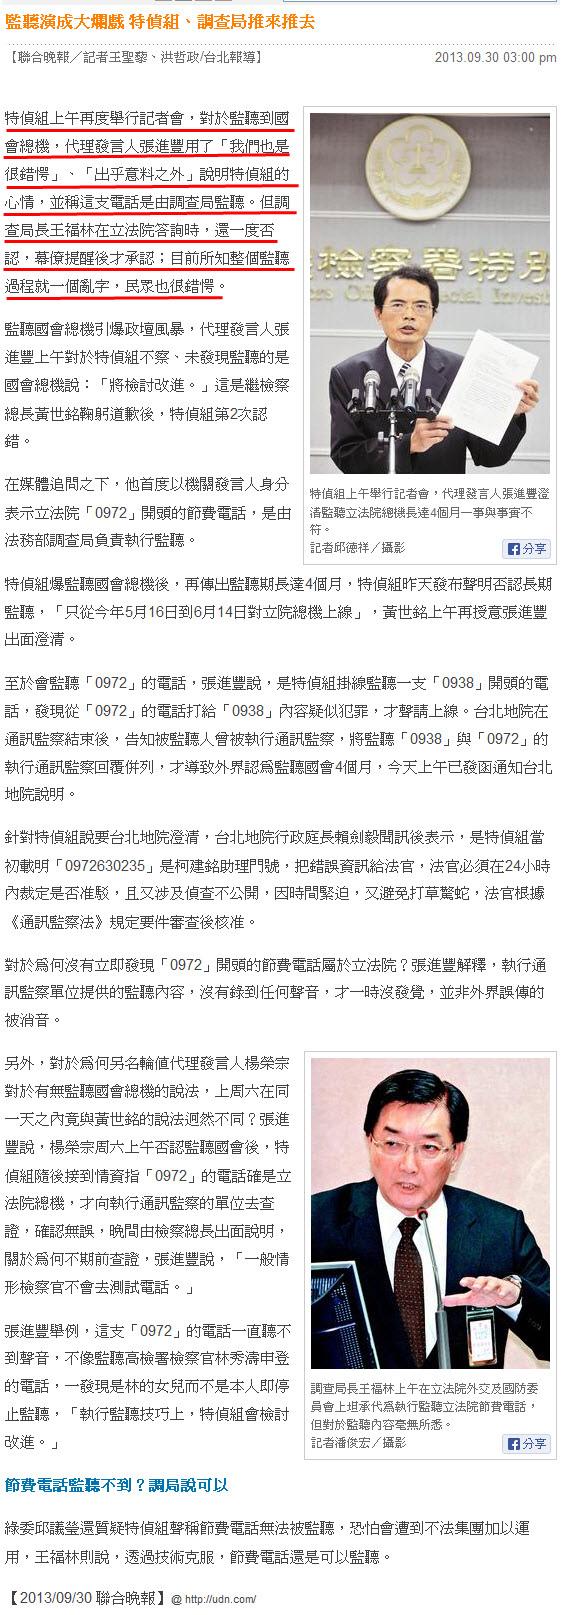 監聽演成大爛戲 特偵組、調查局推來推去-2013.09.30-01.jpg